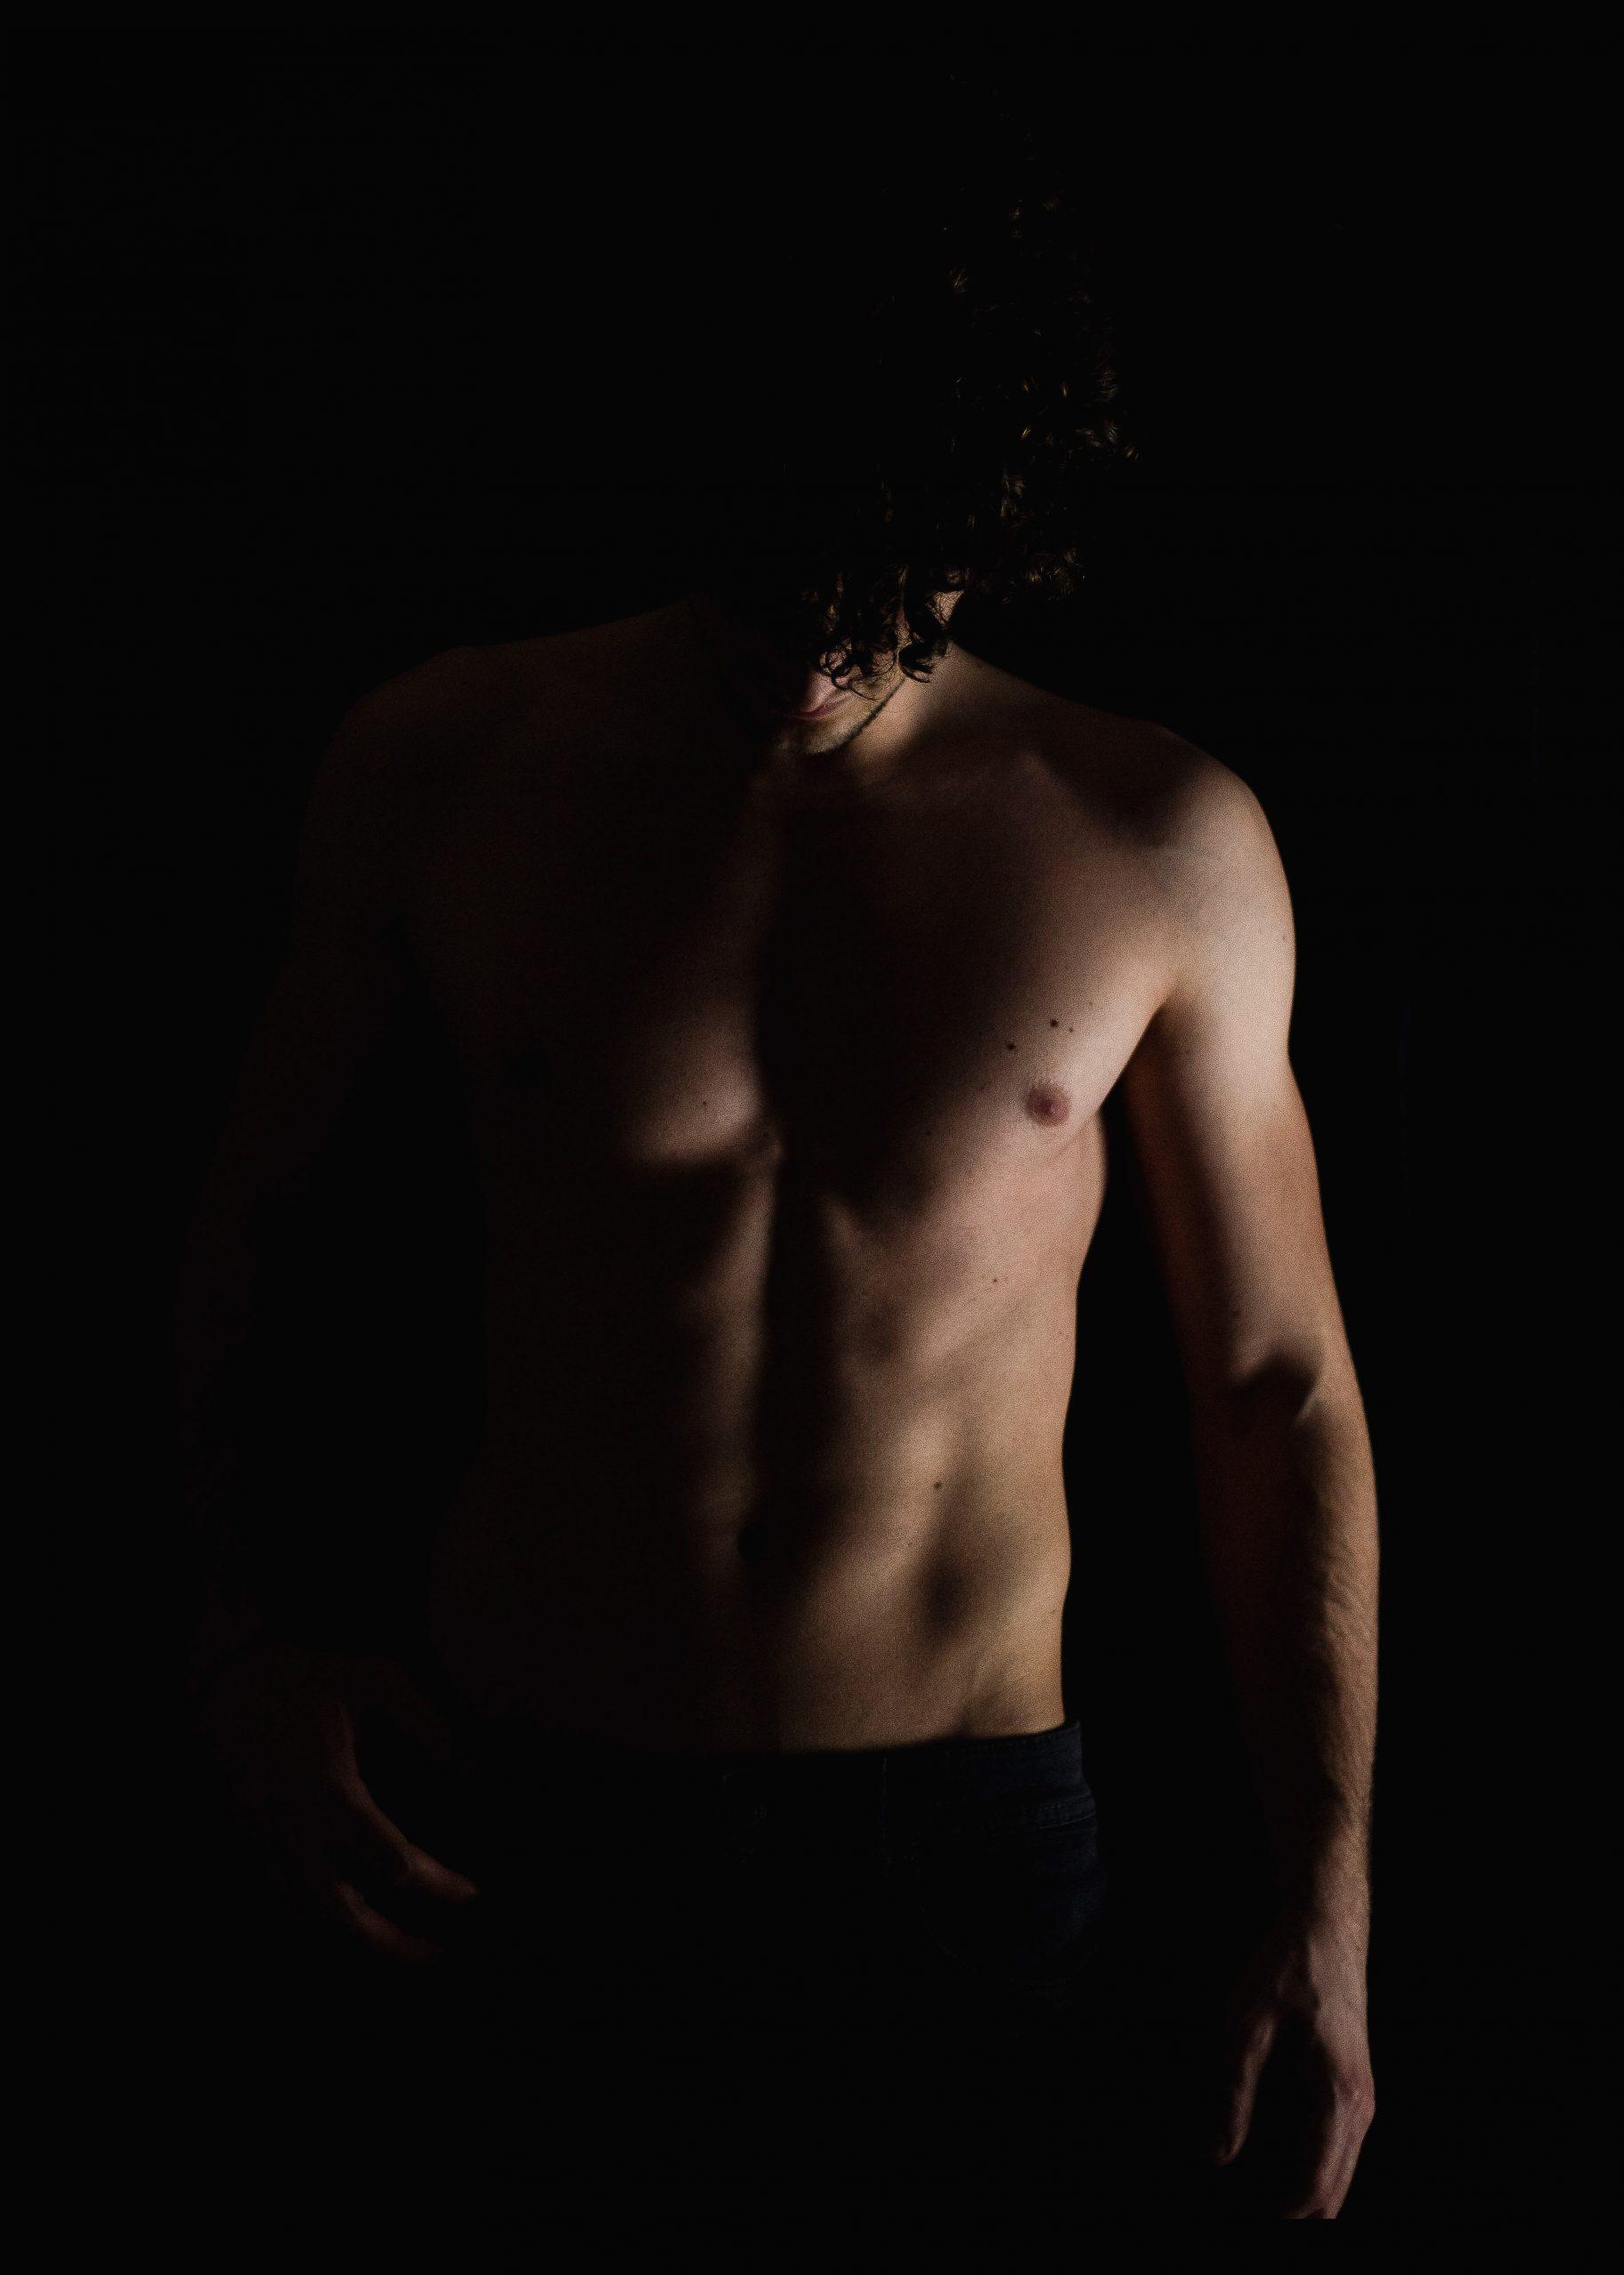 Categoria: Boudoir & Nude, Glamour, Portrait; Photographer & Model: FRANCESCA CASARO; Location: Padova, PD, Italia